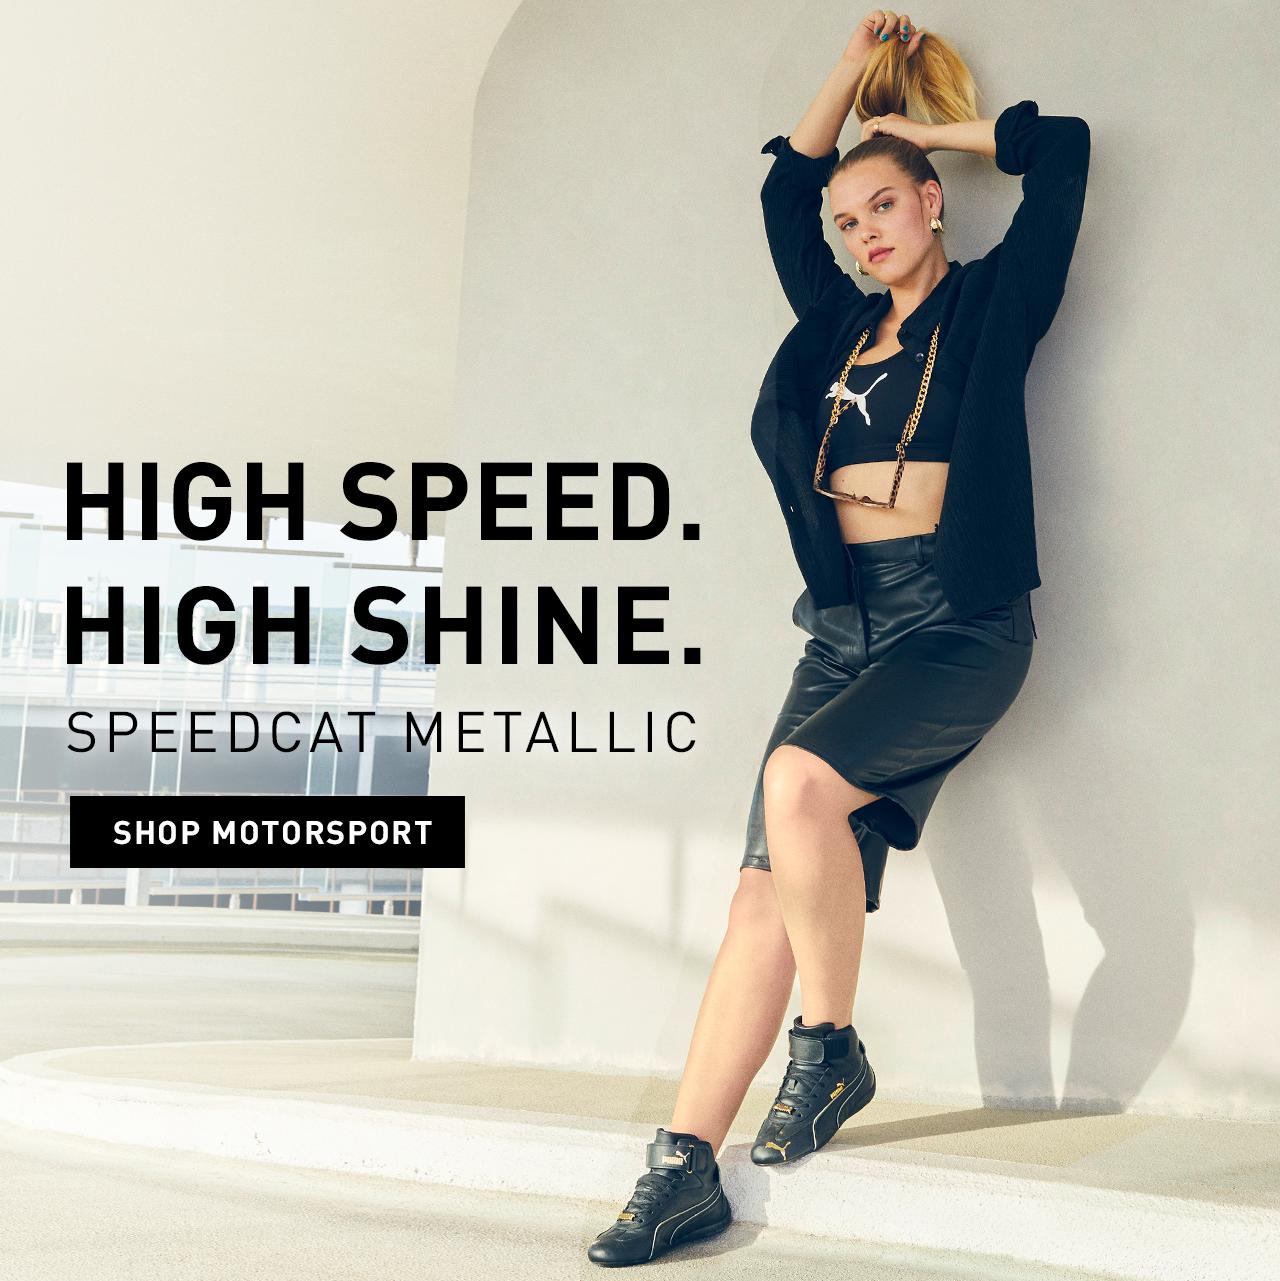 HIGH SPEED. HIGH SHINE. | SPEEDCAT METALLIC | SHOP MOTORSPORT